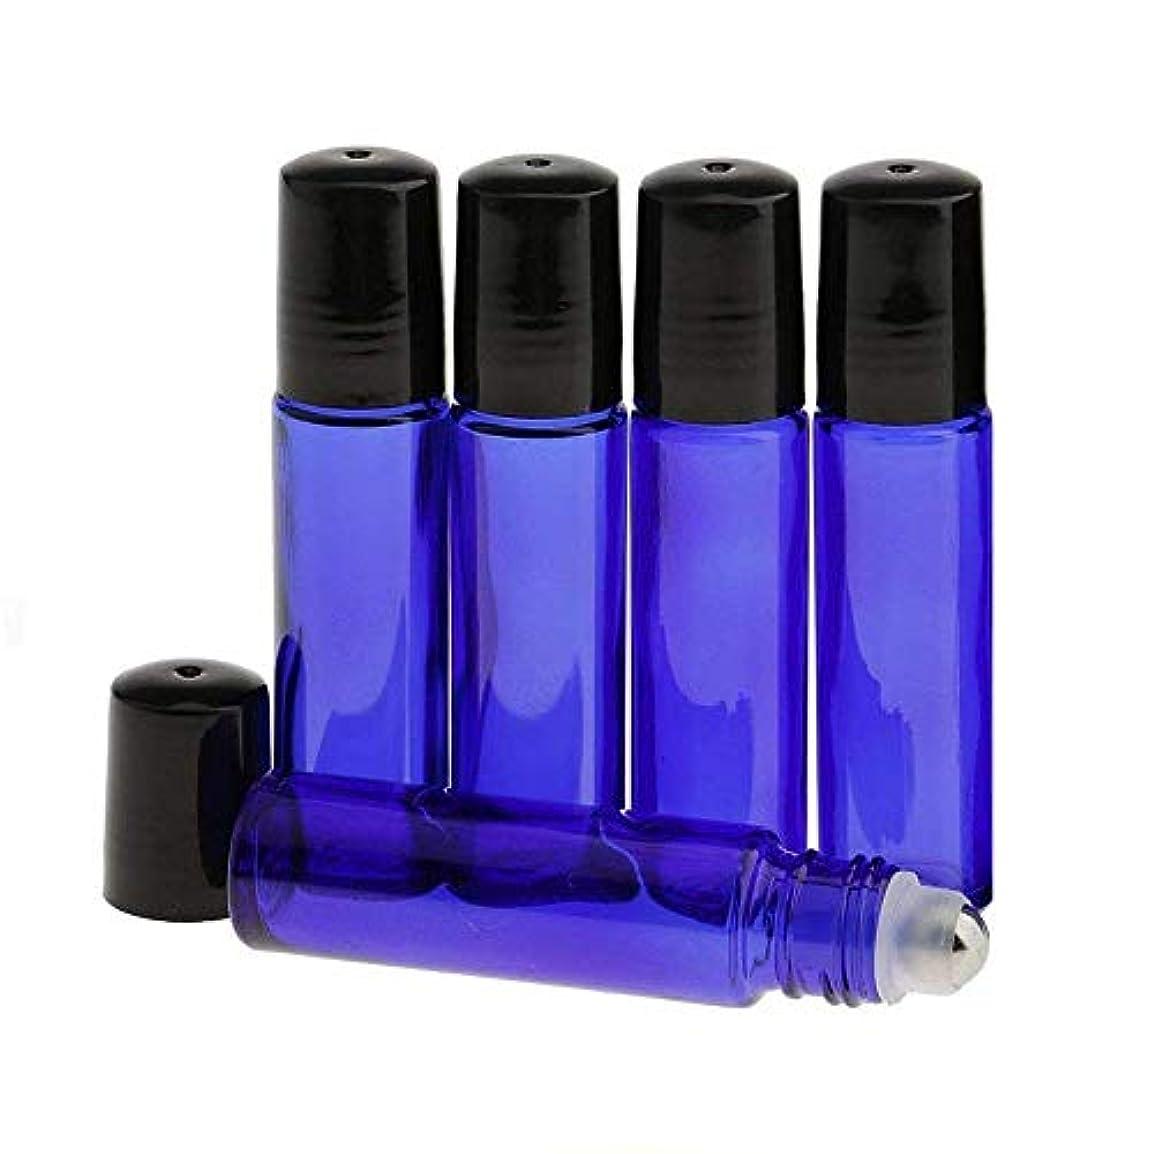 として飛行場体系的に360MALL ロールオンボトル 遮光瓶 アロマオイル 化粧水 香水 精油 小分け用 ガラスロールタイプ (ブルー) (5本セット)